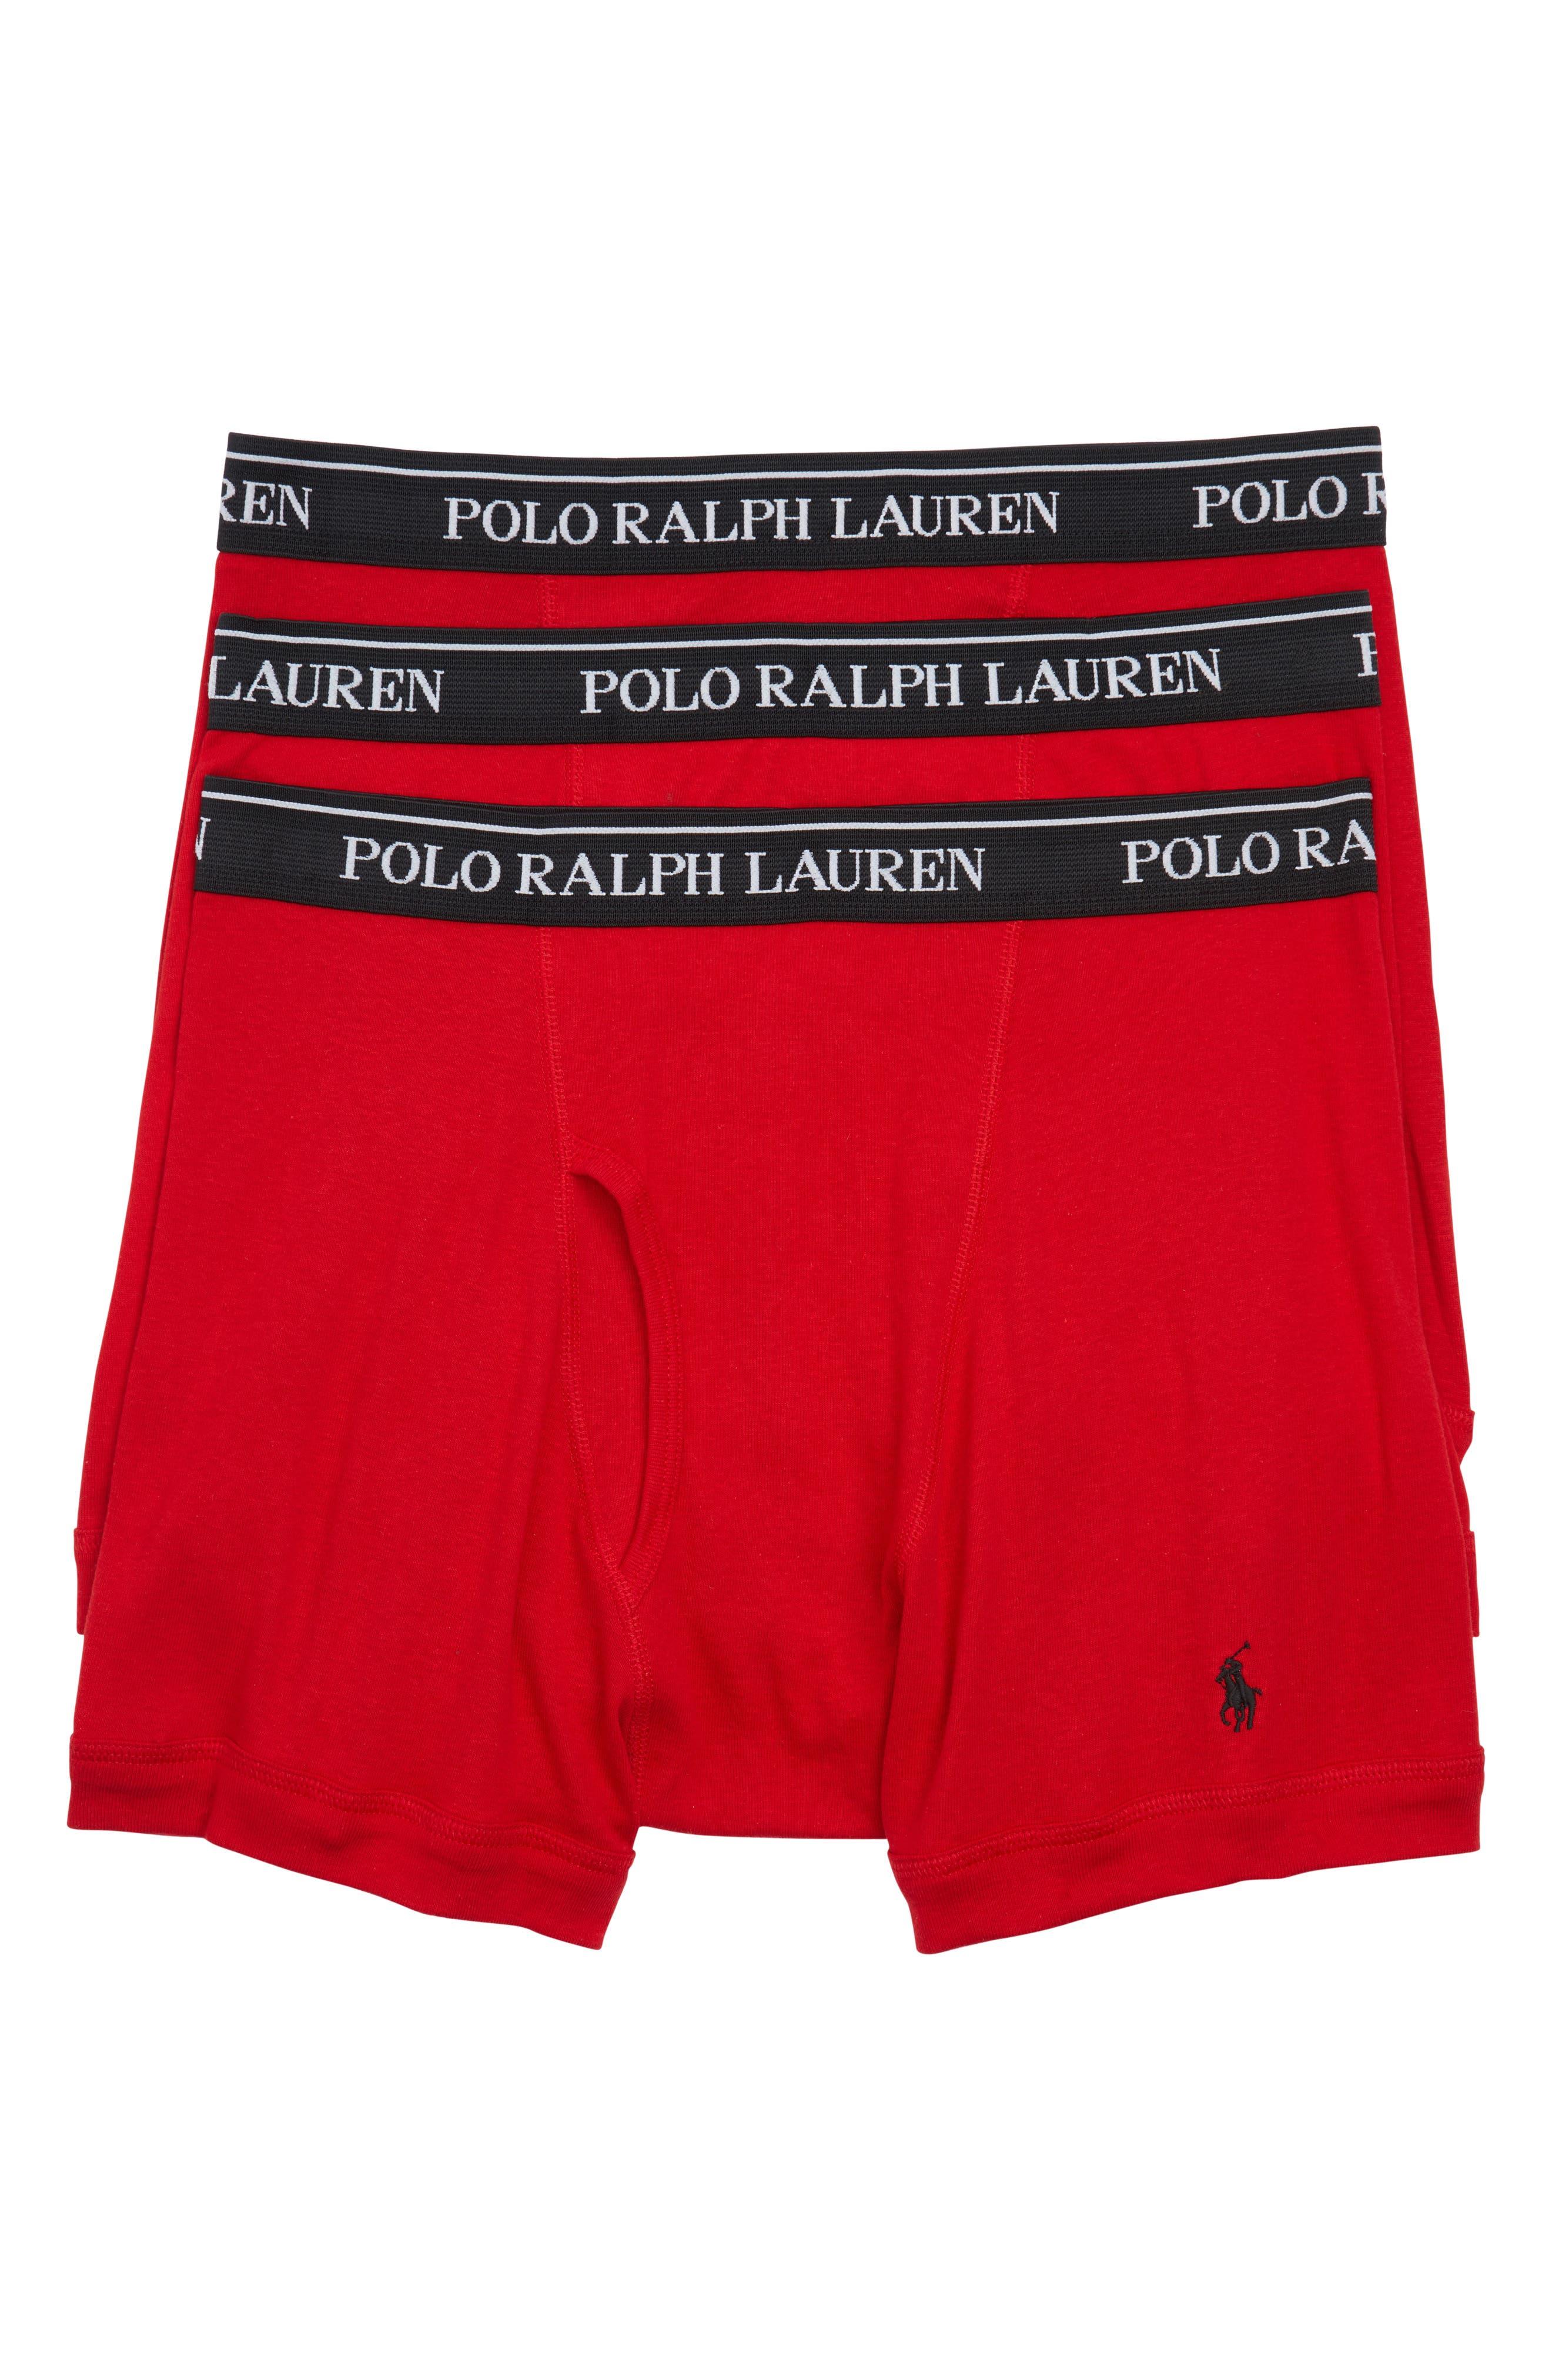 Polo Ralph Lauren 3-Pack Cotton Boxer Briefs